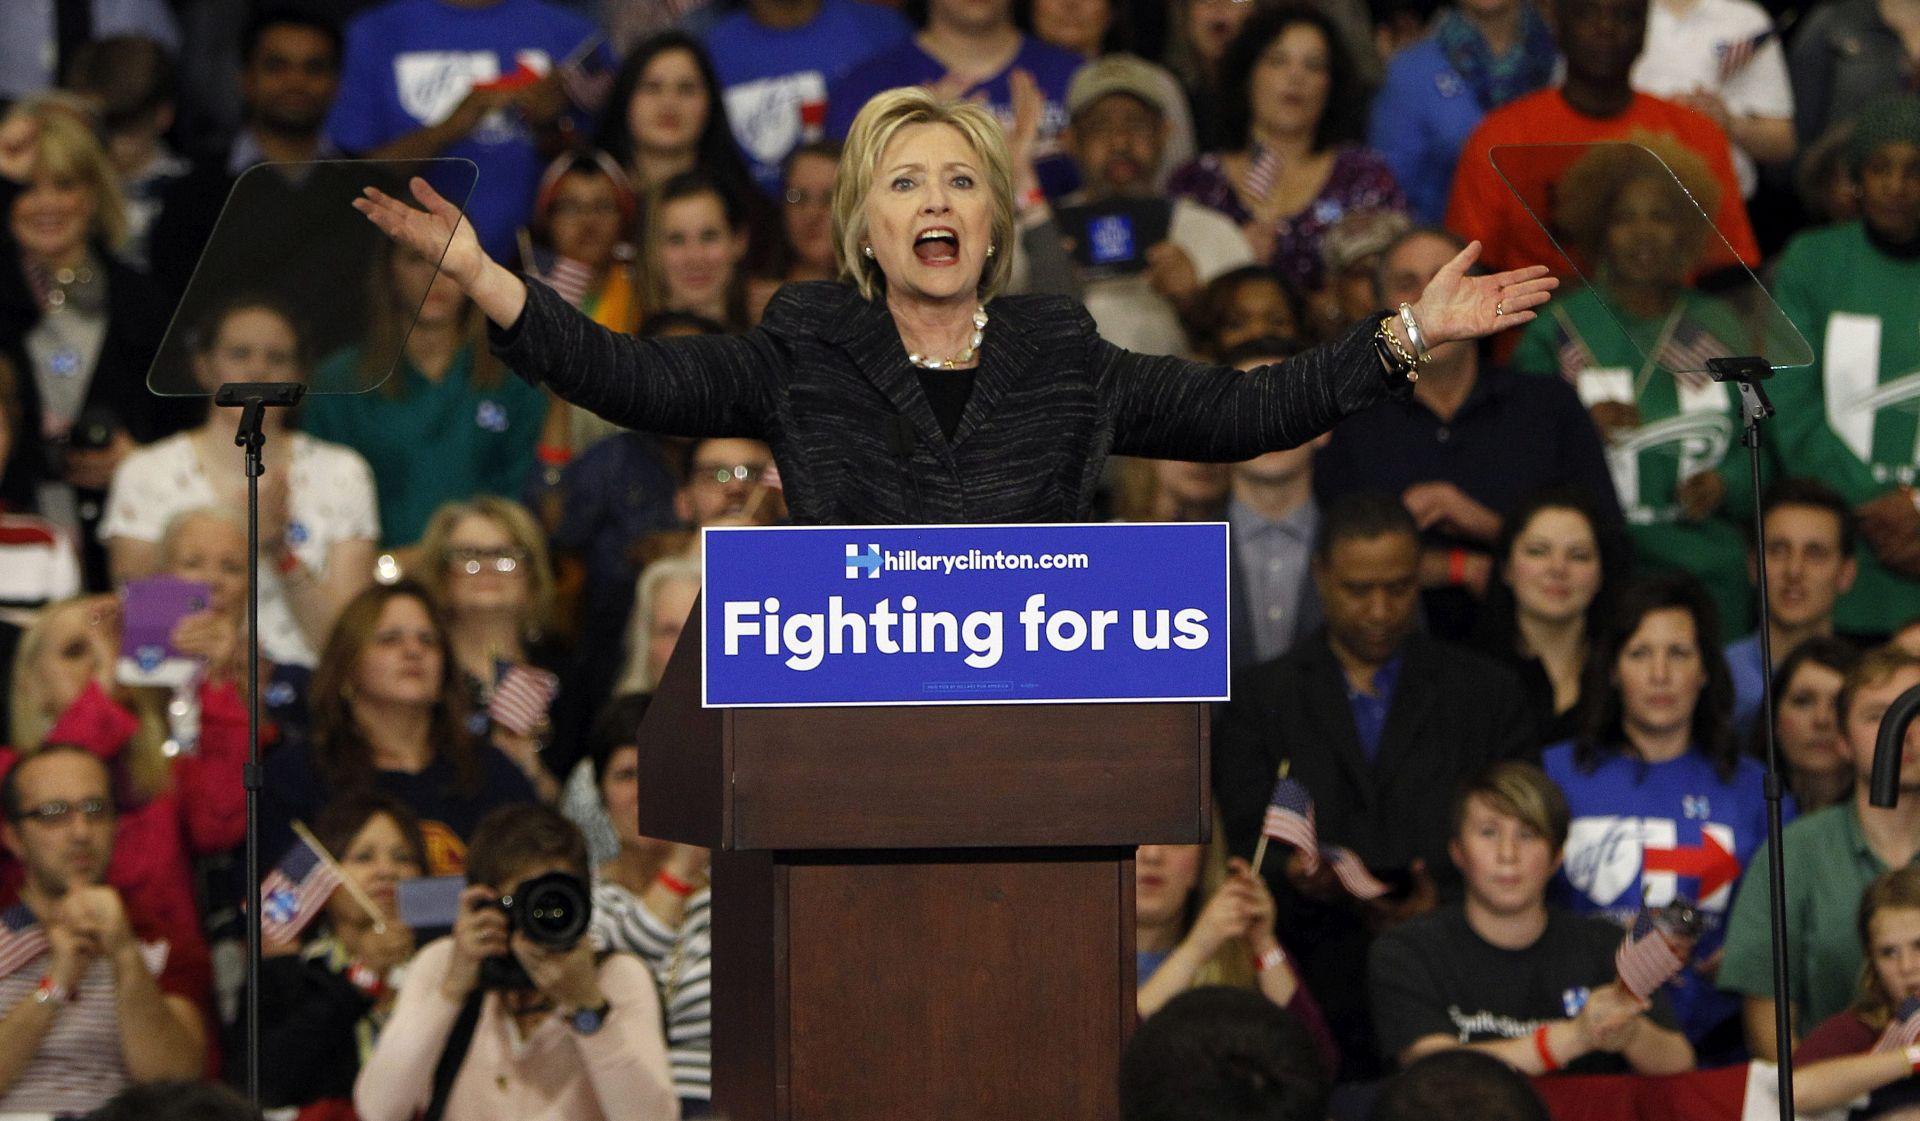 UTRKA ZA BIJELU KUĆU: Sanders slavio u Oregonu, Clinton tijesno u Kentuckyju